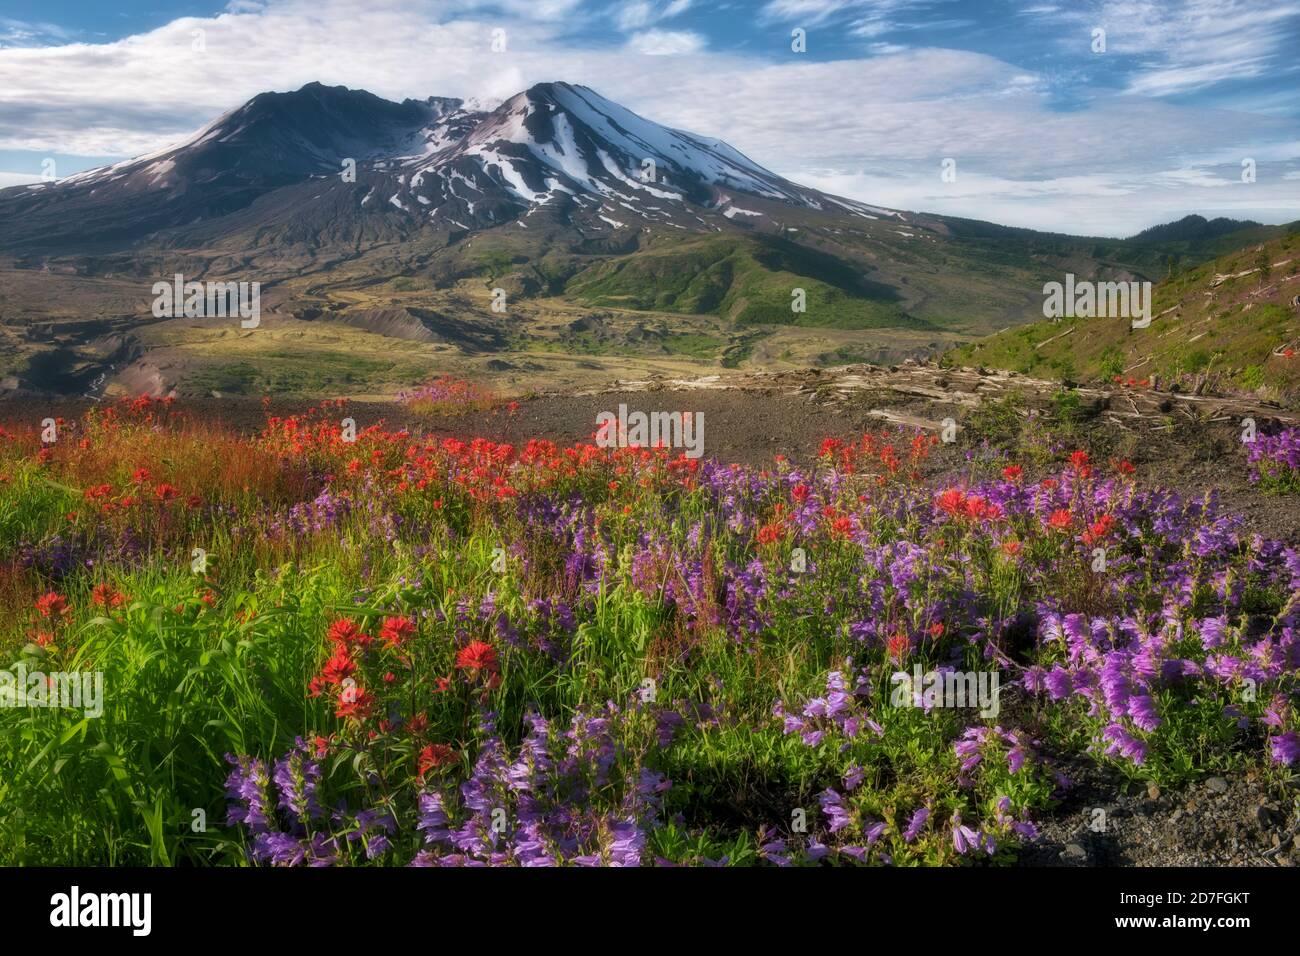 Émission matinale de gaz du Mont St Helens avec du rouge Pinceau indien et penstemon violet fleurissant le long de Johnston Ridge dans Le mont St Helens de Washington Banque D'Images